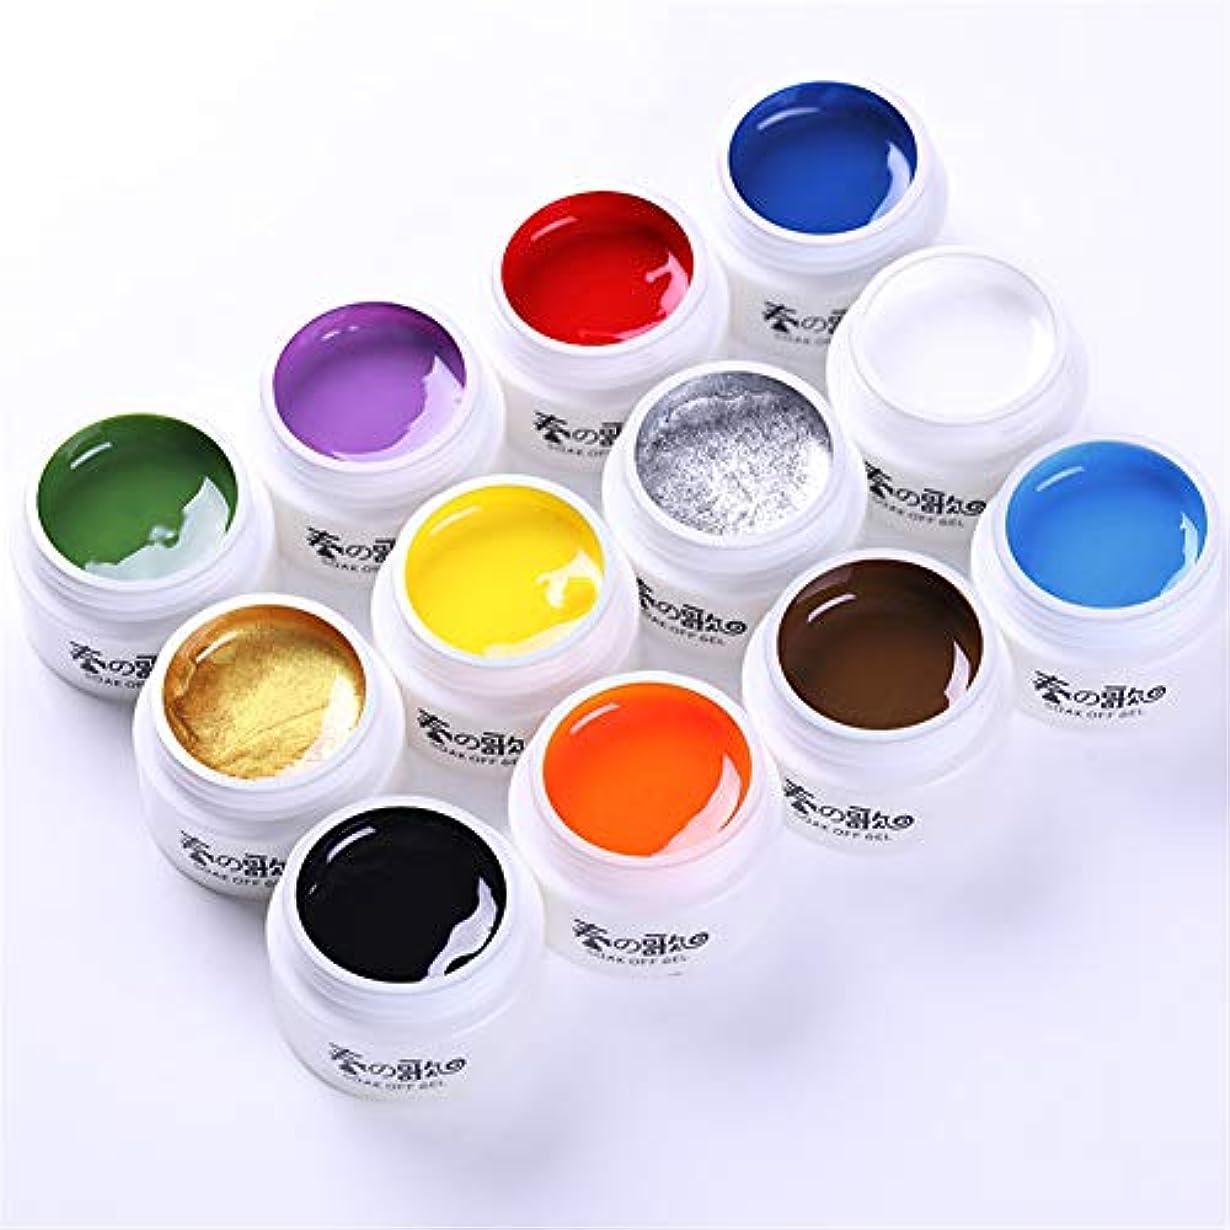 納税者ばかげた隙間春の歌 アート専用のカラージェル ライナージェル ものすごく色が濃いカラージェル ラインを引くためのジェル、アクリル絵の具よりも柔らかく使いやすいジェル LED/UV両方対応 [並行輸入品]